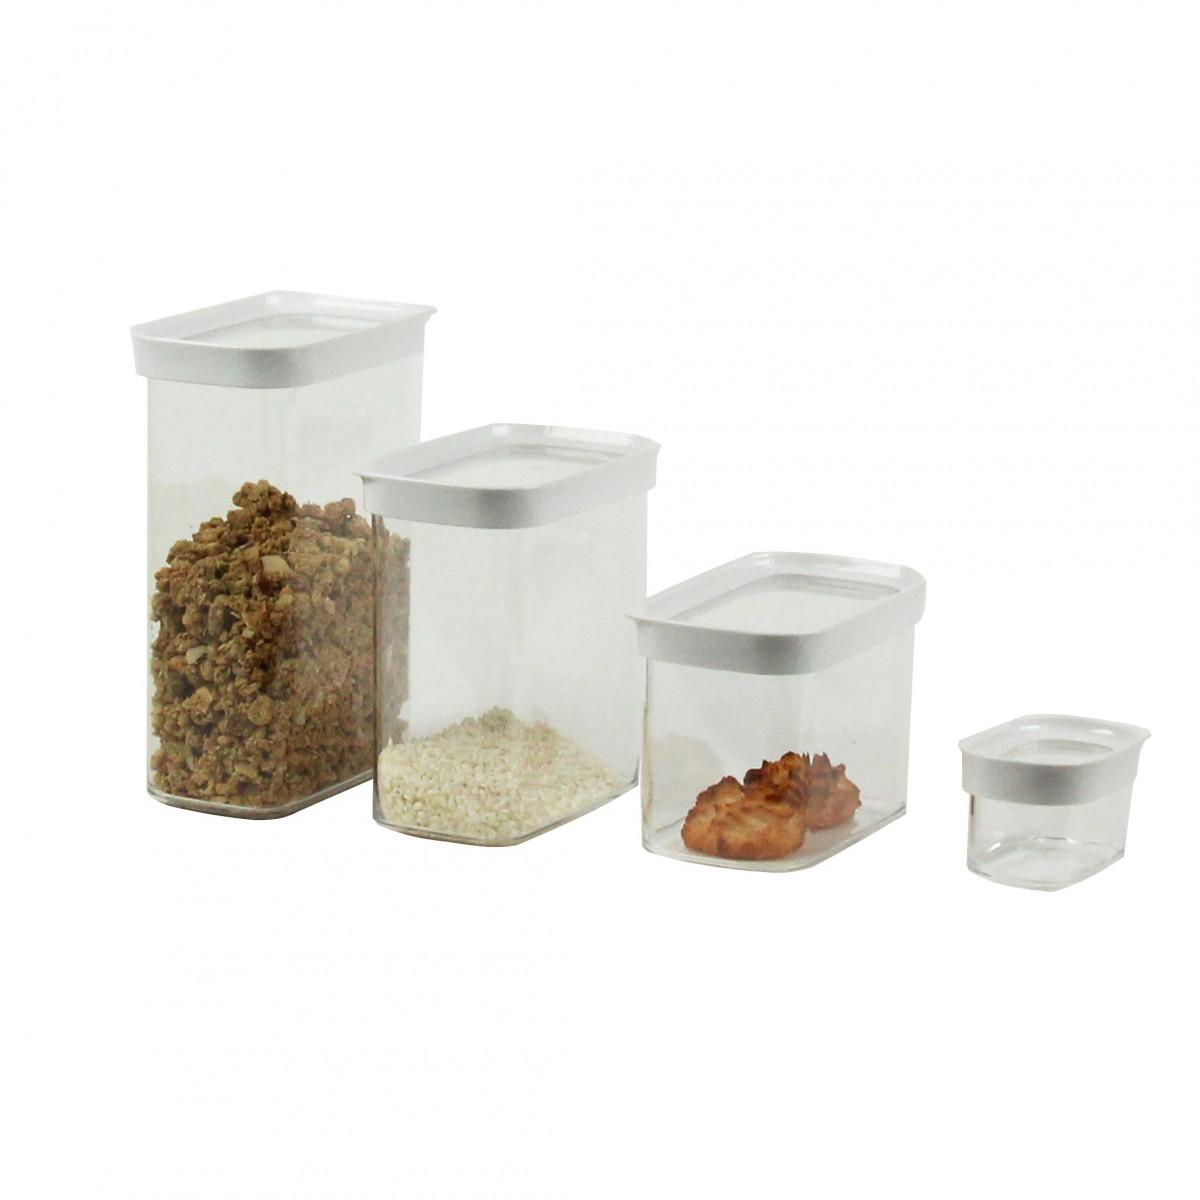 bo te de rangement cuisine empilable plastique 2 2 litres. Black Bedroom Furniture Sets. Home Design Ideas